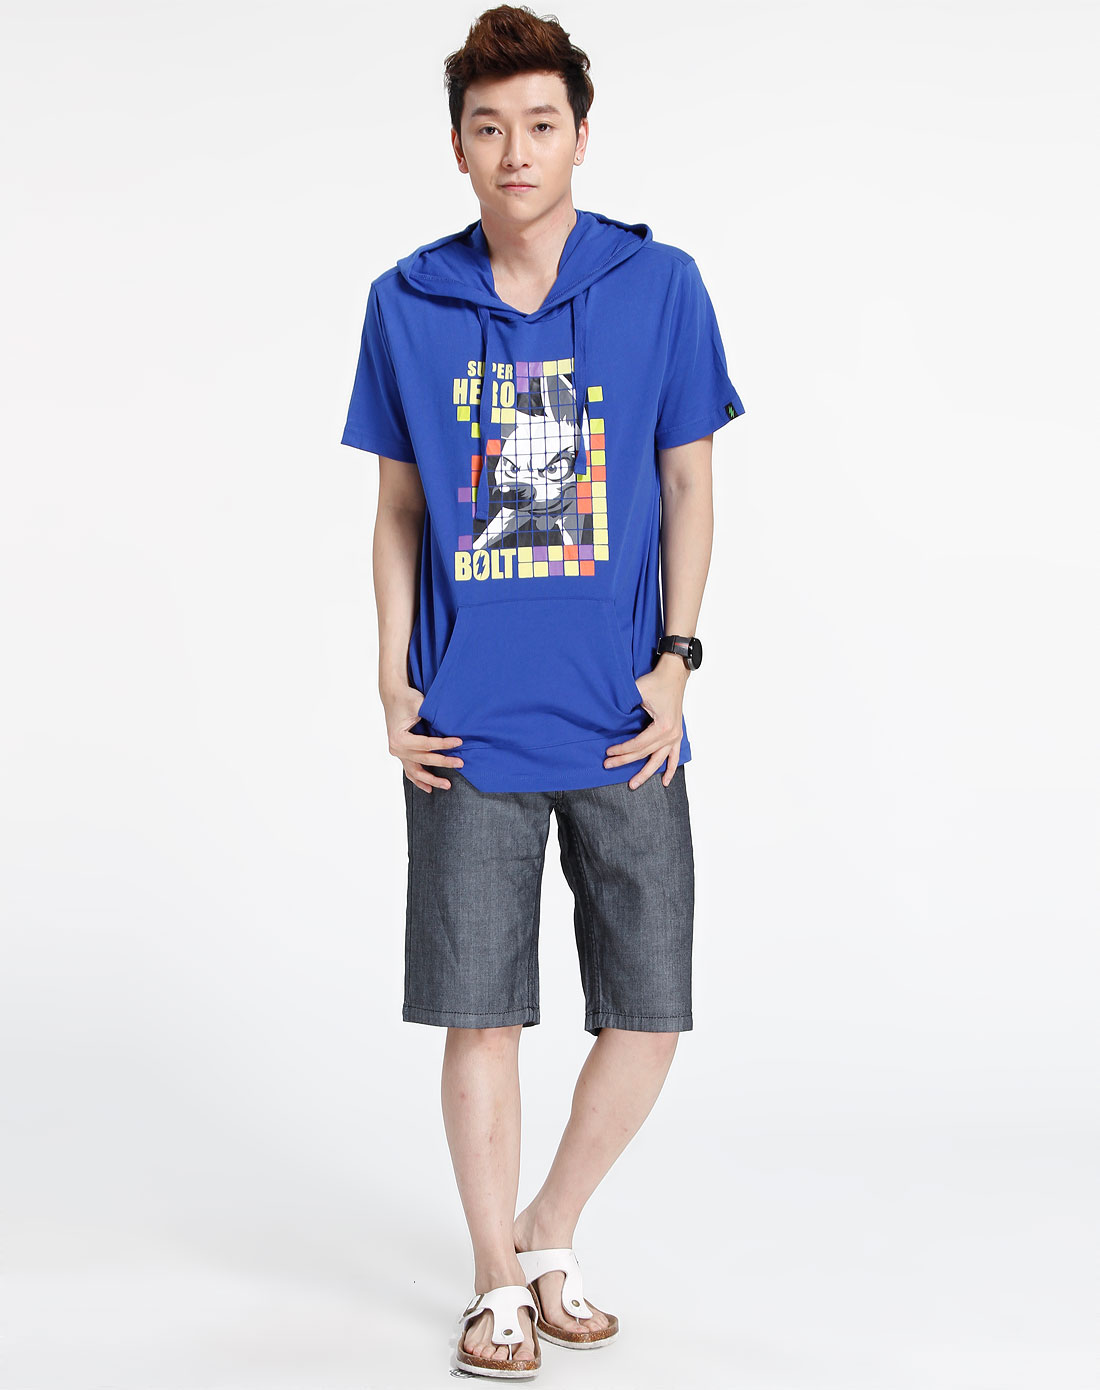 森马-男装-宝蓝色时尚连帽短袖t恤图片